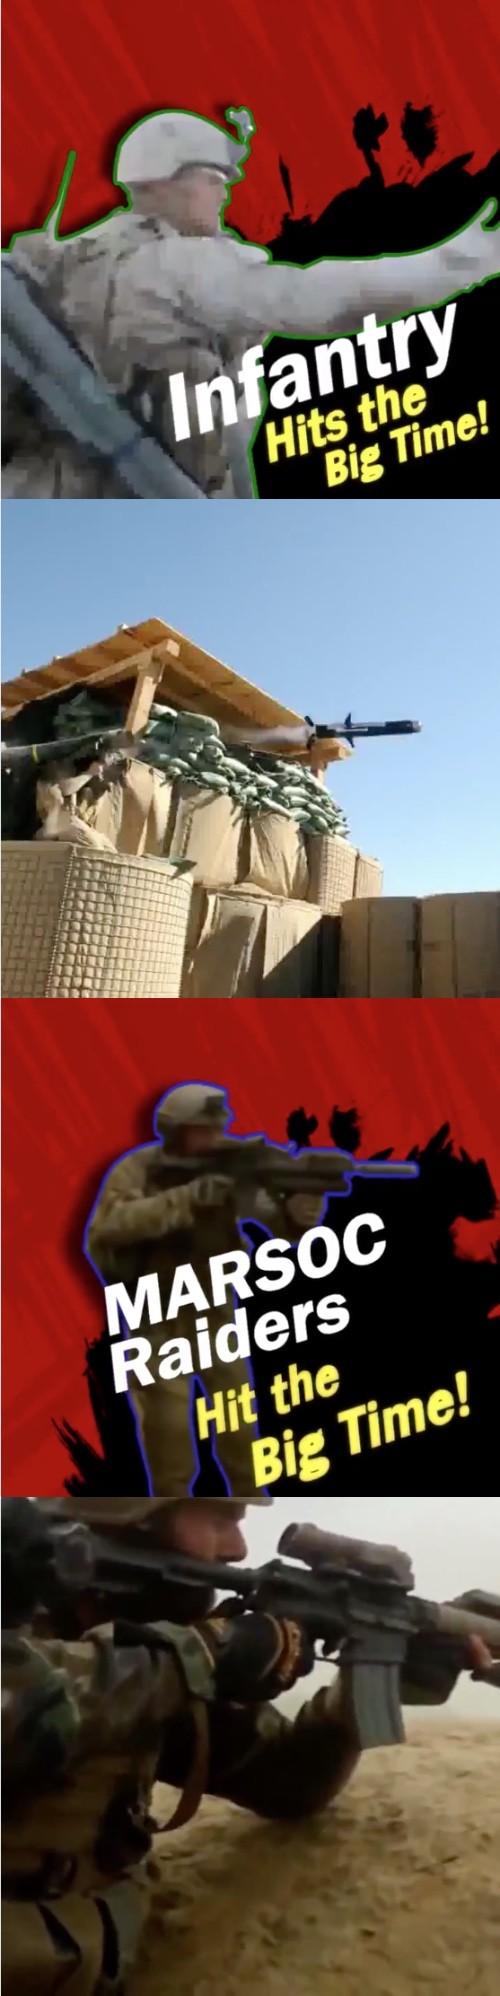 アメリカ海兵隊、『大乱闘スマッシュブラザーズ』をエサにに関連した画像-02